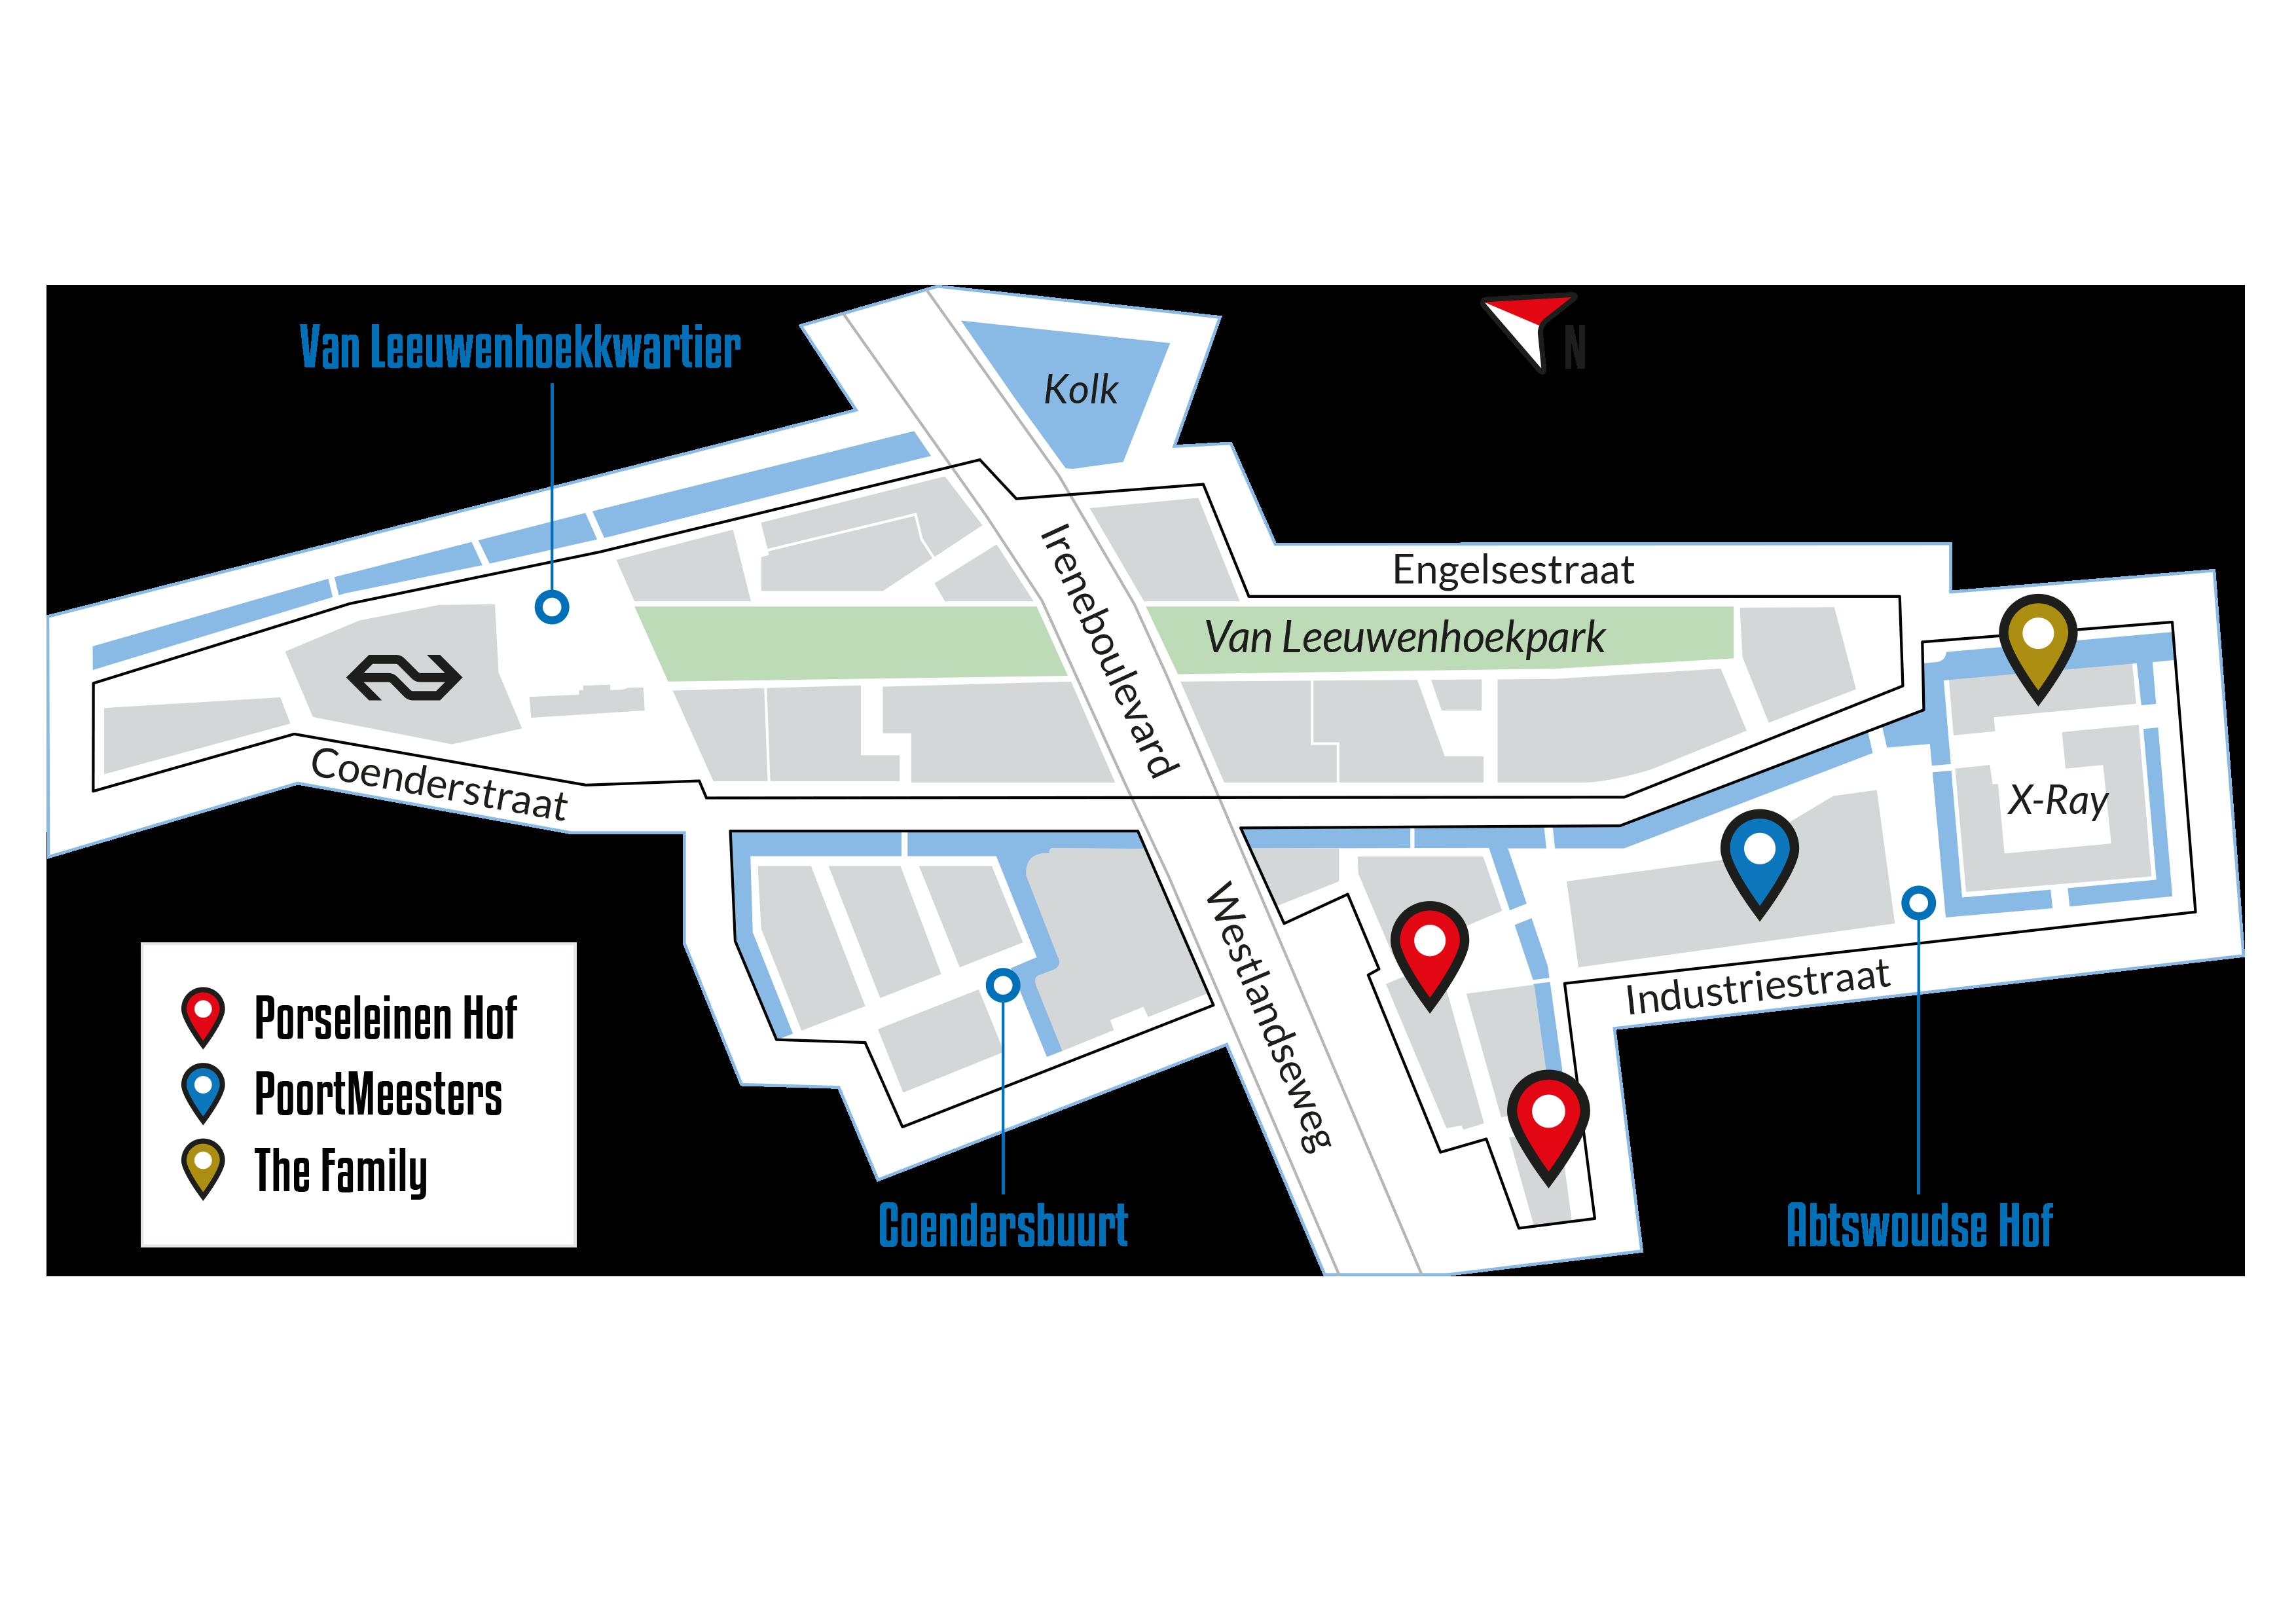 Kaart van het gebied Porseleinen Hof, PoortMeesters en The Family daarop aangegeven